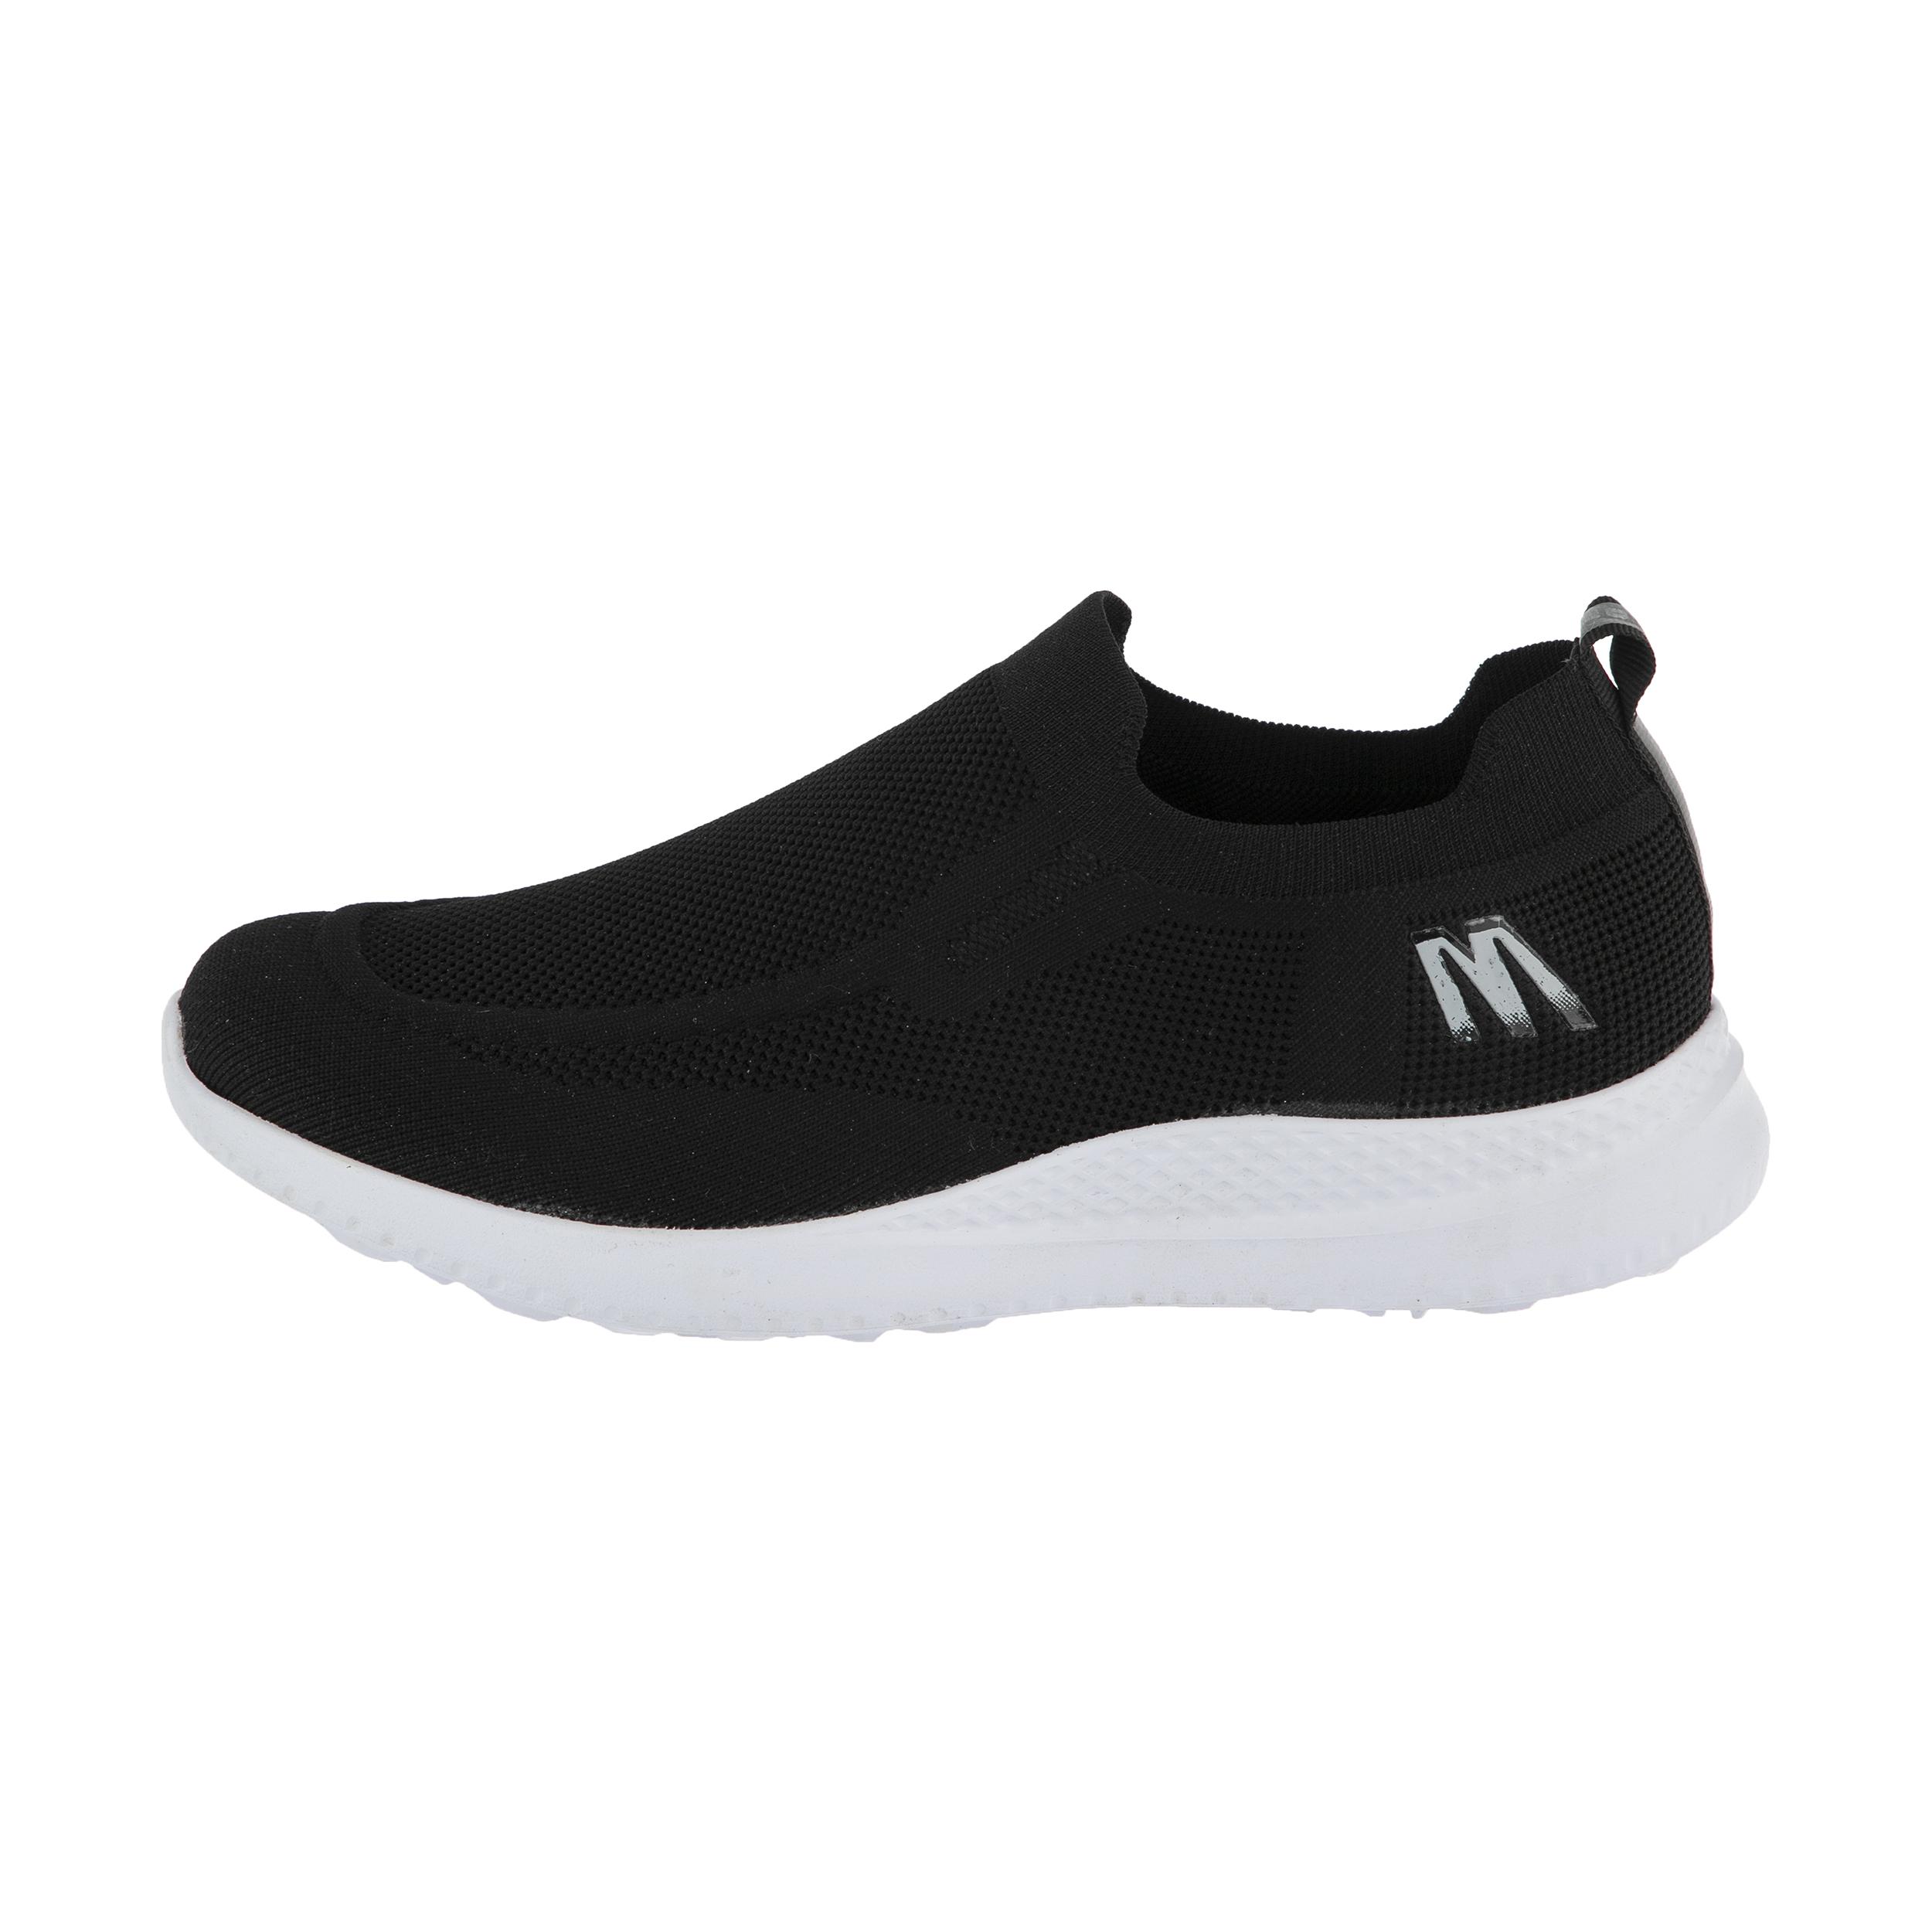 E12 کفش راحتی مردانه مل اند موژ مدل 1020-15-001